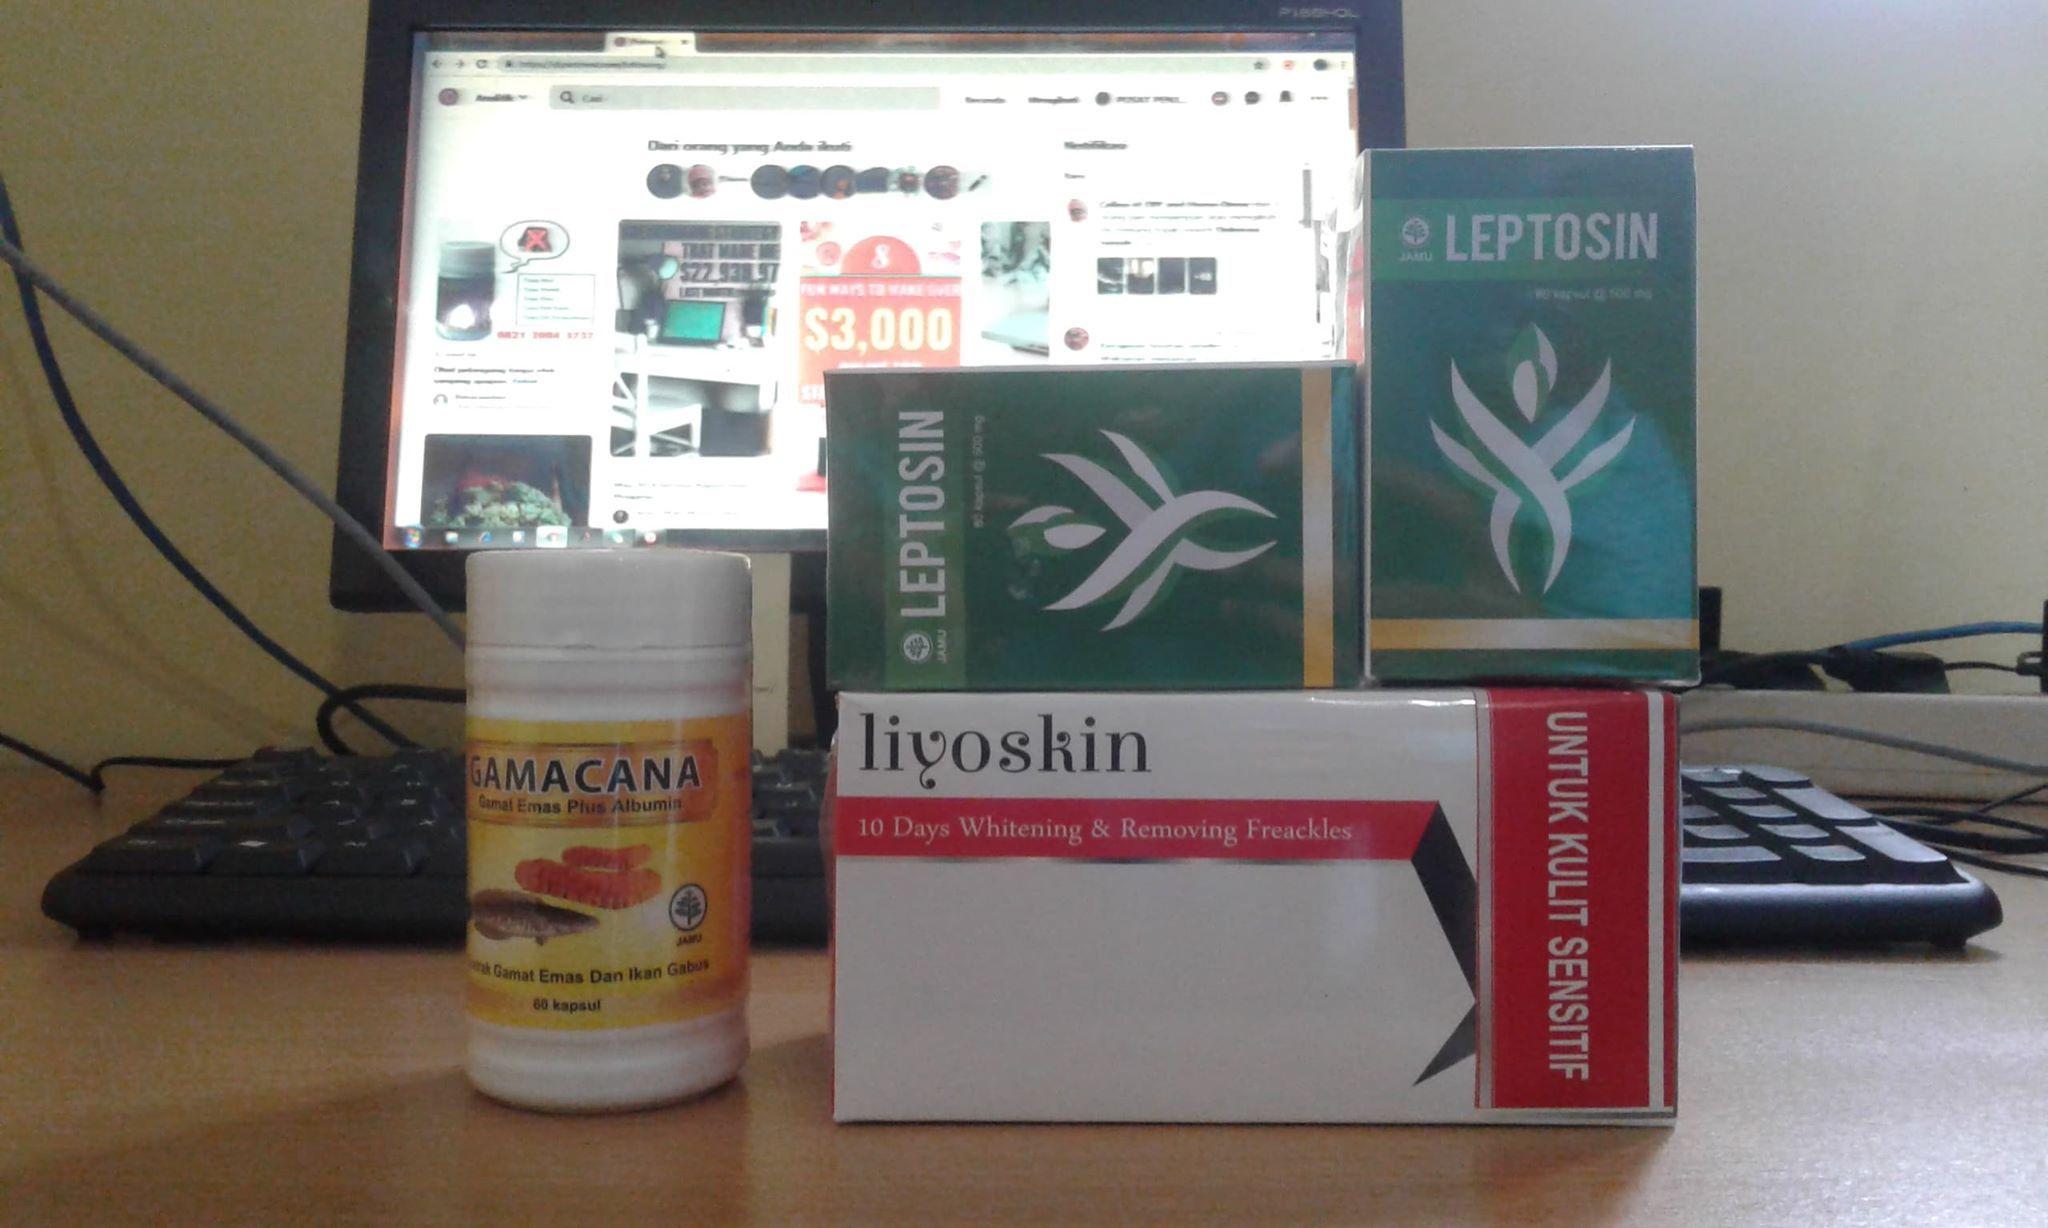 Obat Diet Herbal Alami Leptosin Kulit sensitif, Herbal